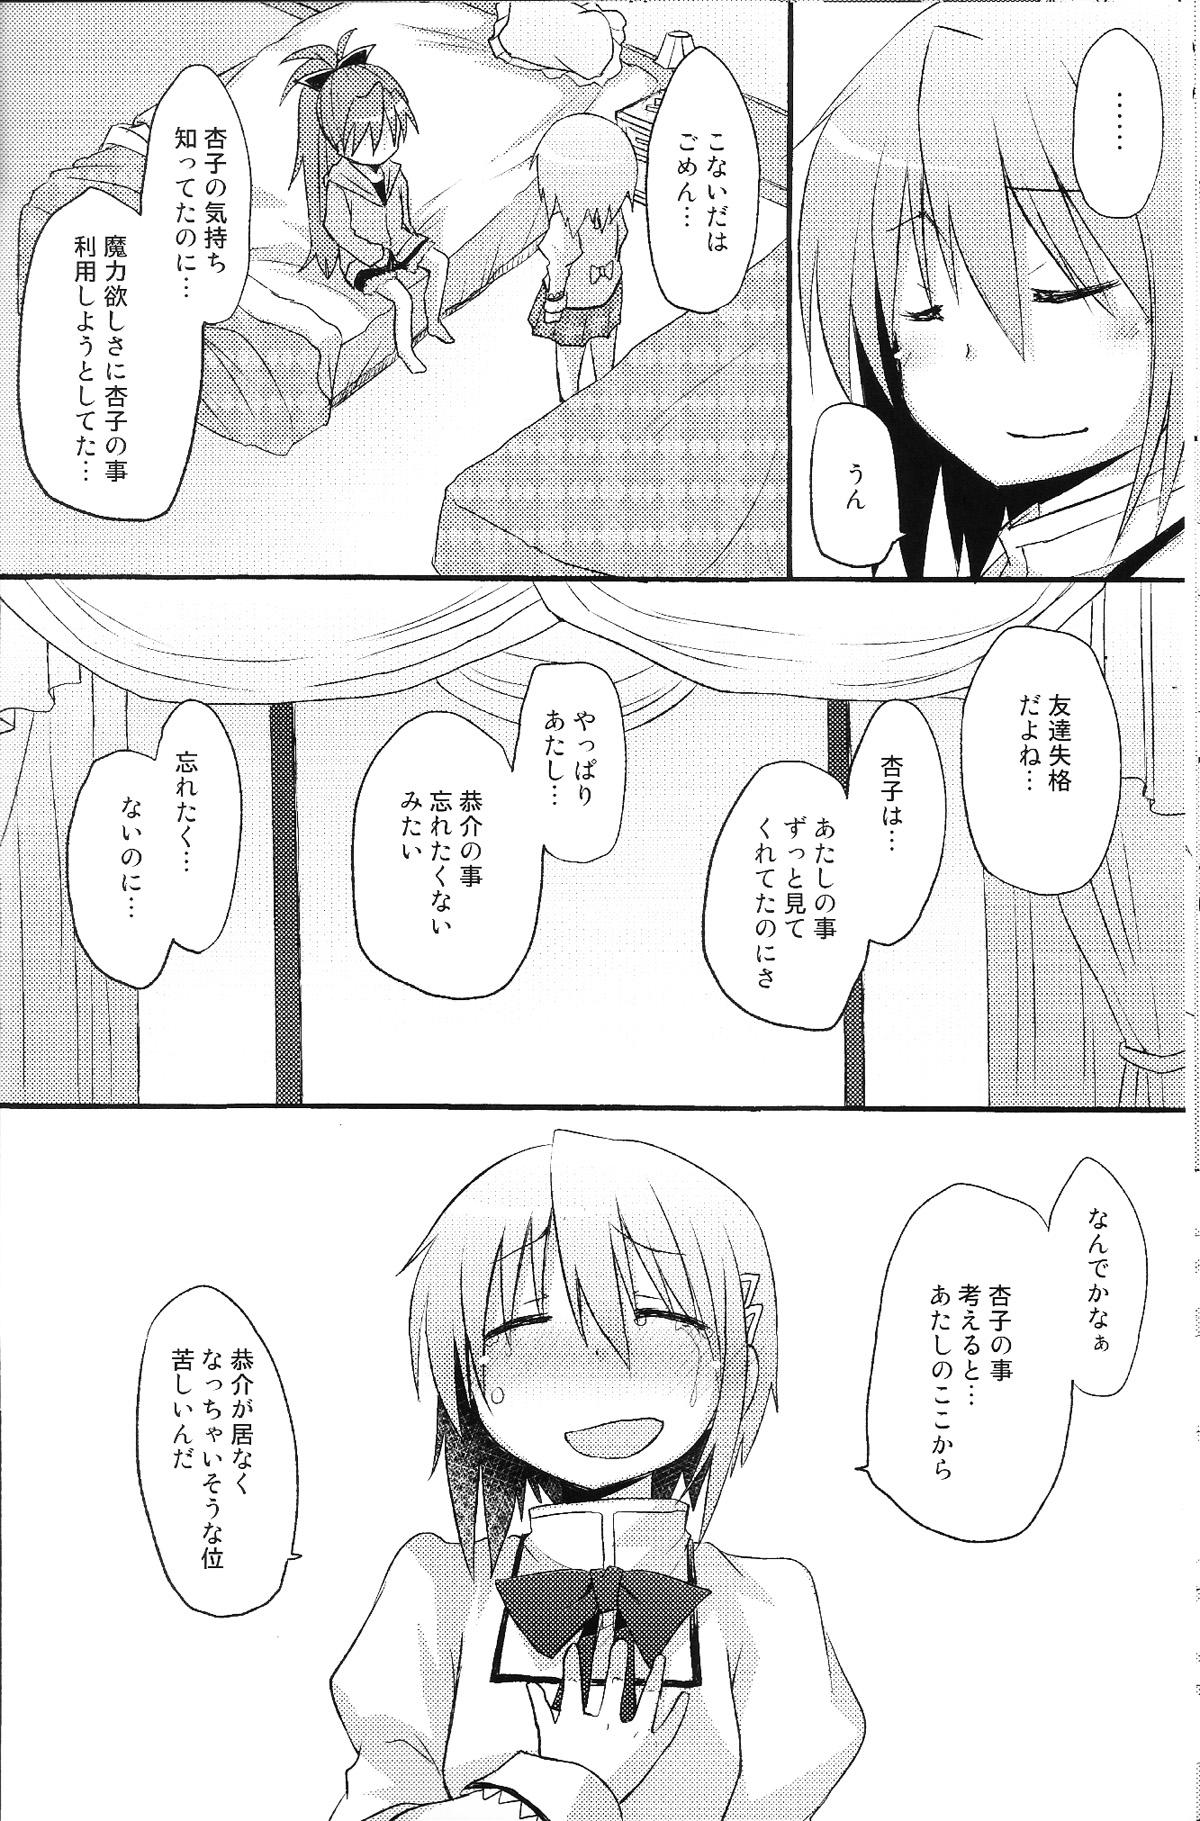 Atashitachi no Seizon Senryaku 15